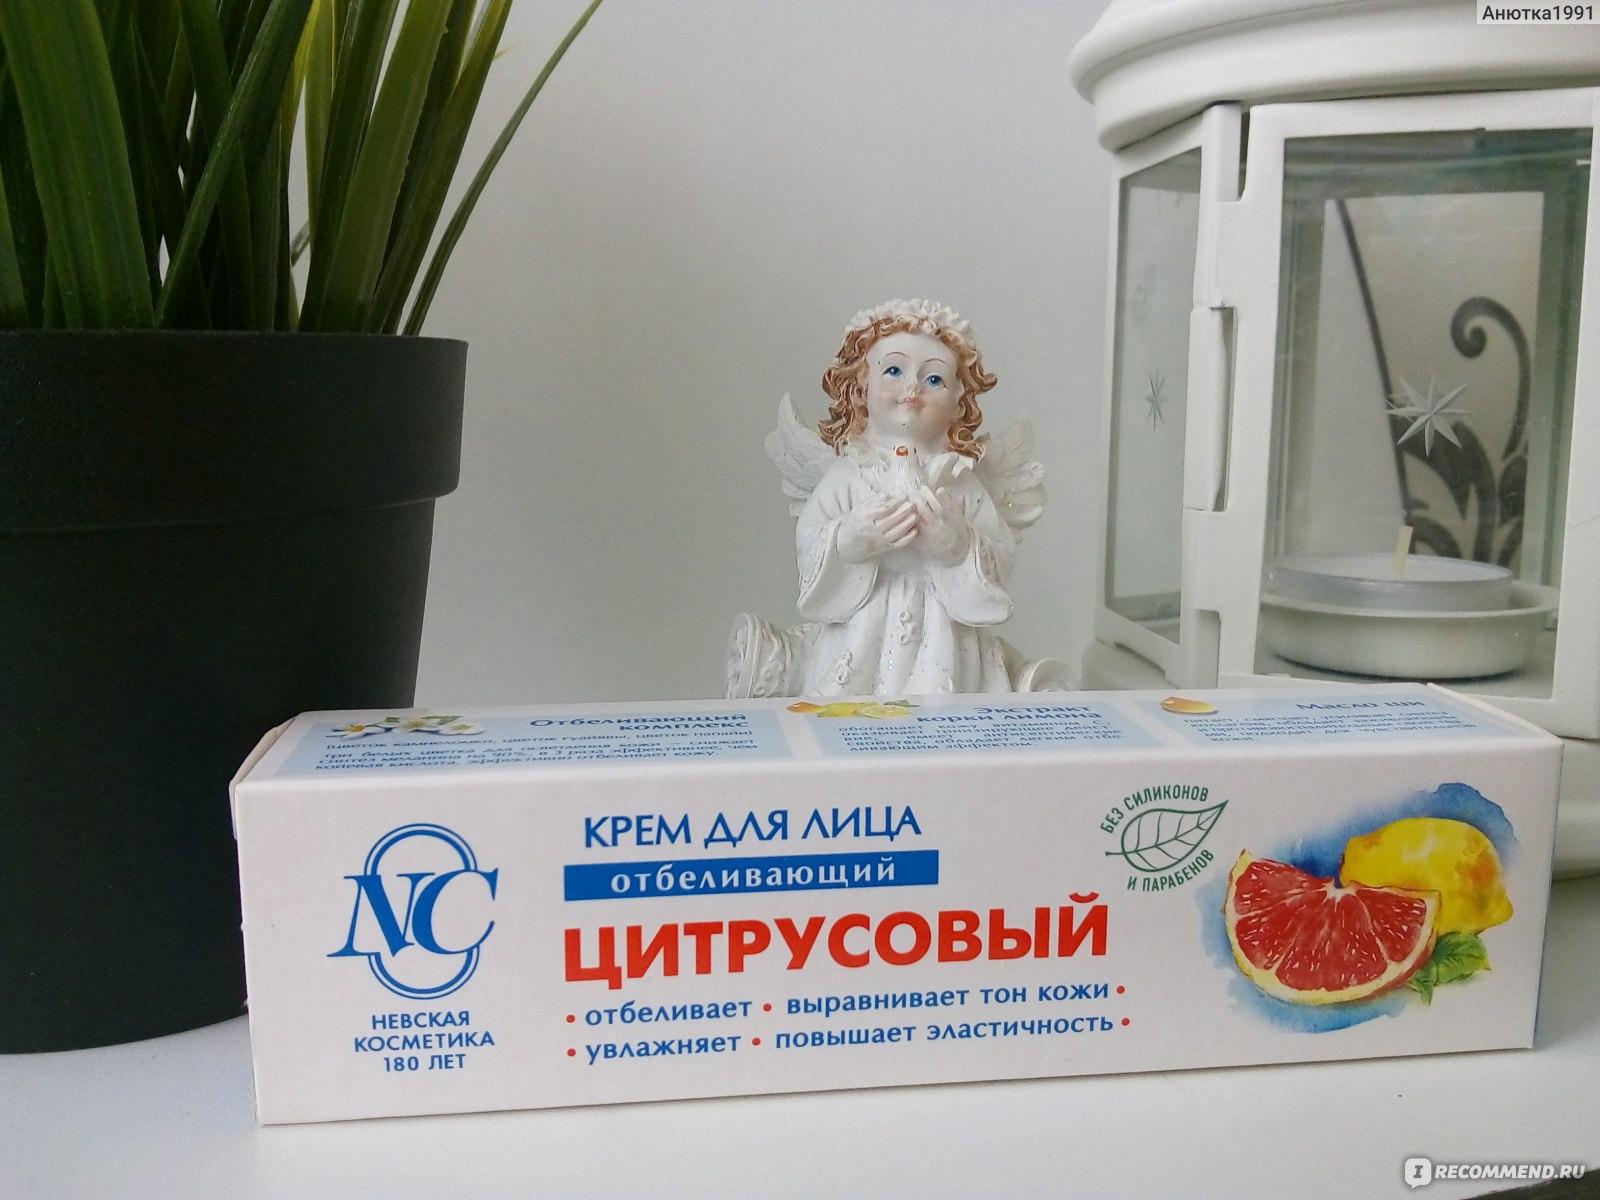 невская косметика отбеливающий крем цитрусовый купить